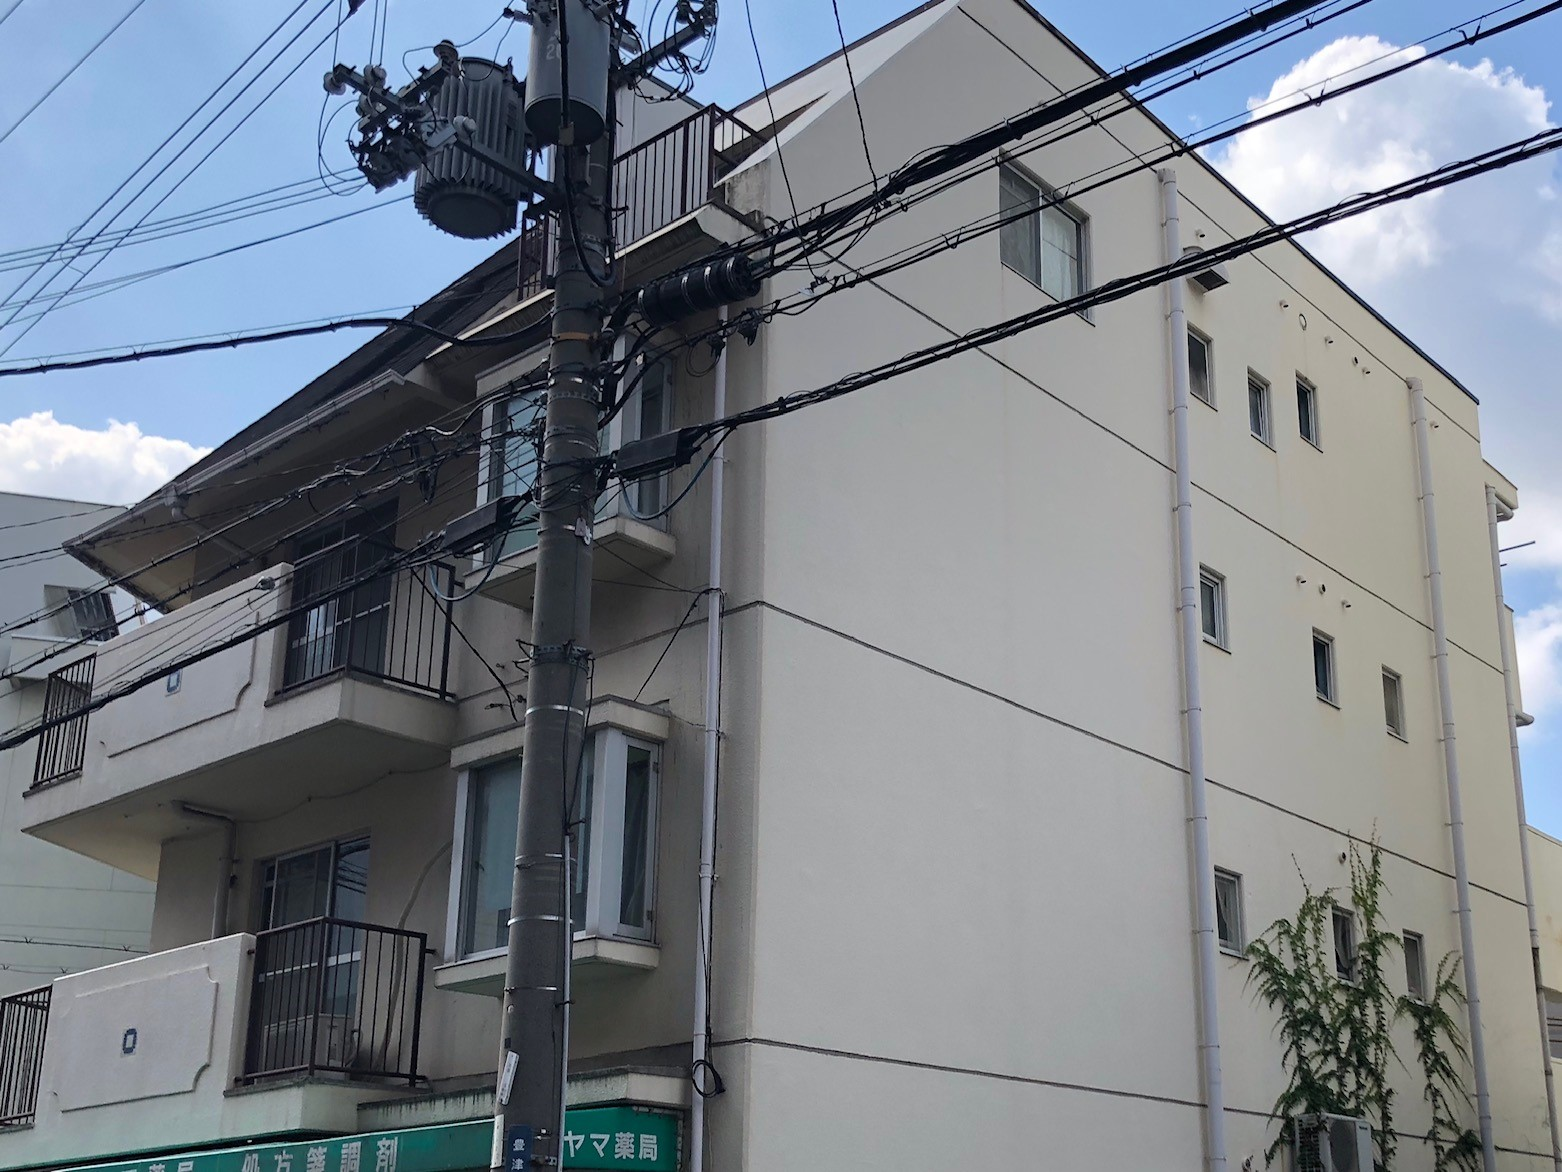 吹田市にて、台風被害にあわれたマンションの現場調査に伺いました。